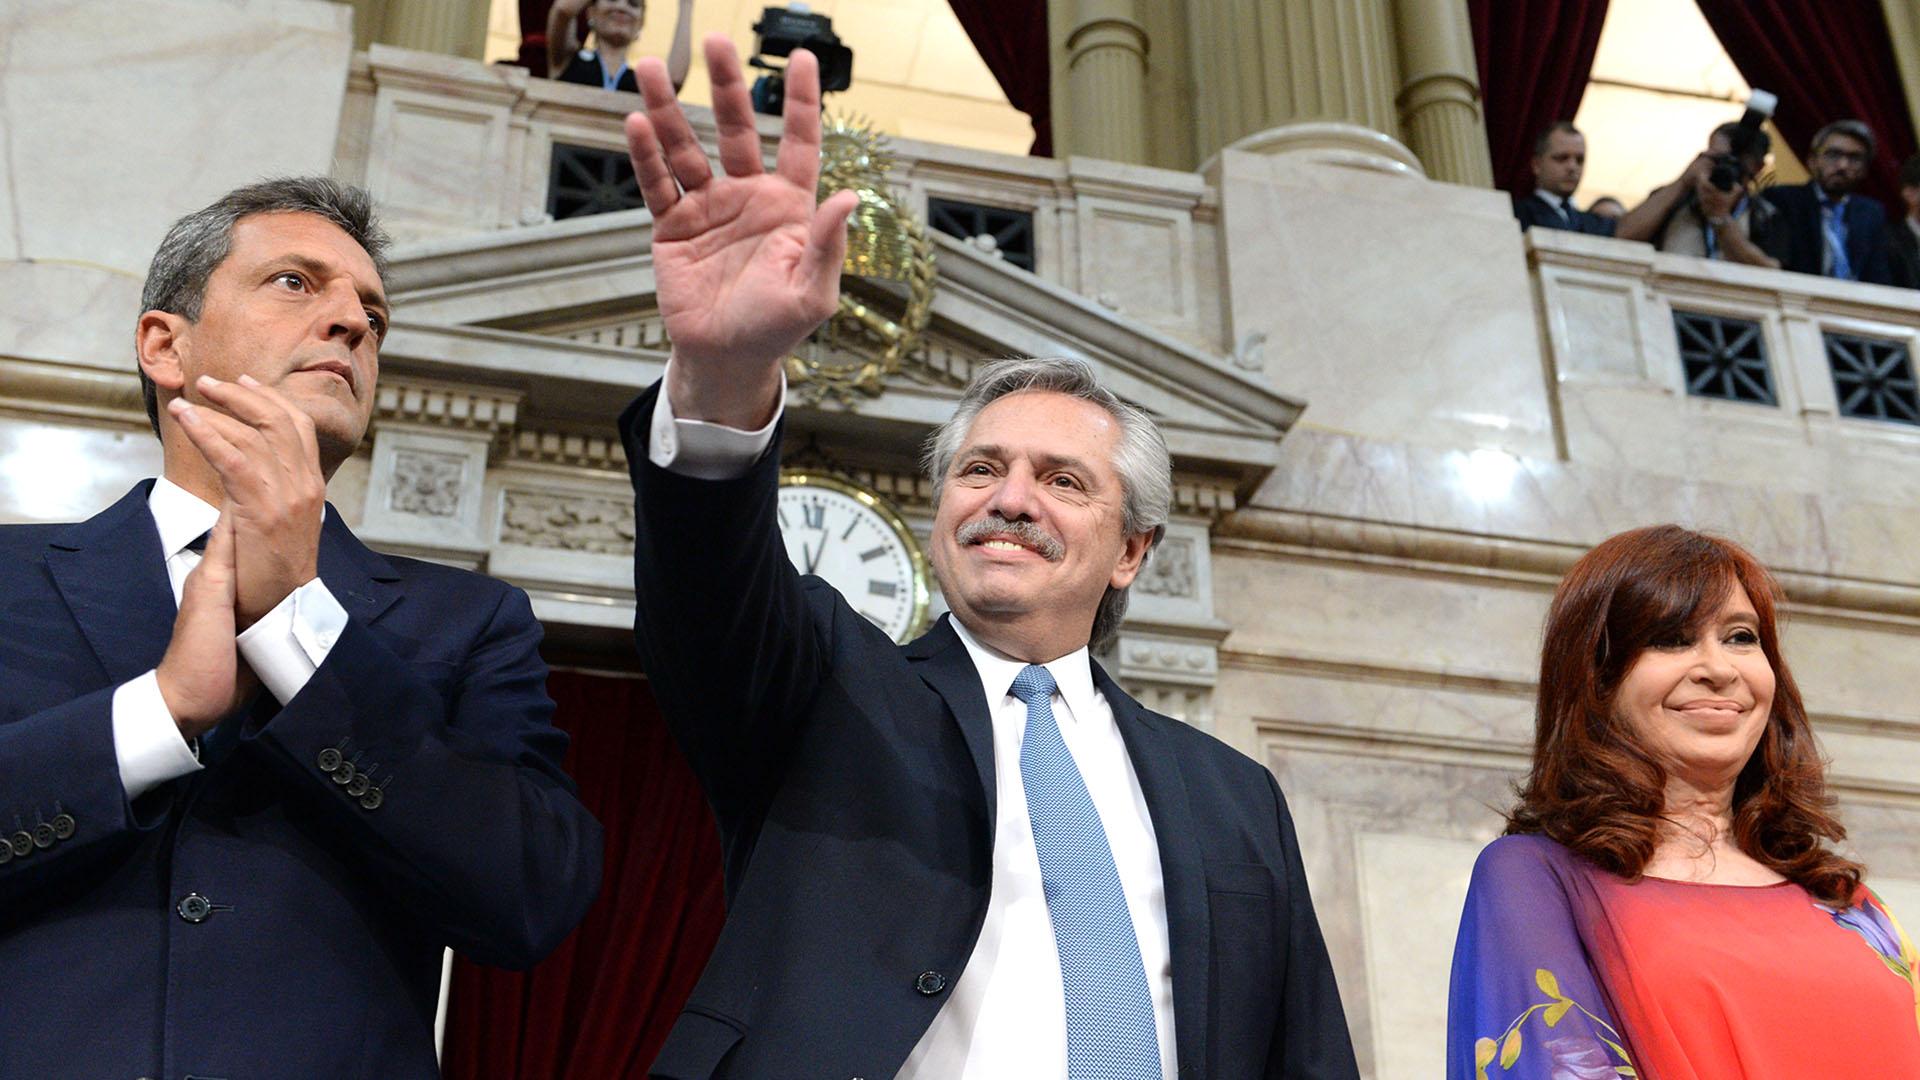 La nueva agenda política de Alberto Fernández: apoyo de Massa, monitoreo de Cristina  Kirchner y pedidos de la oposición - Infobae